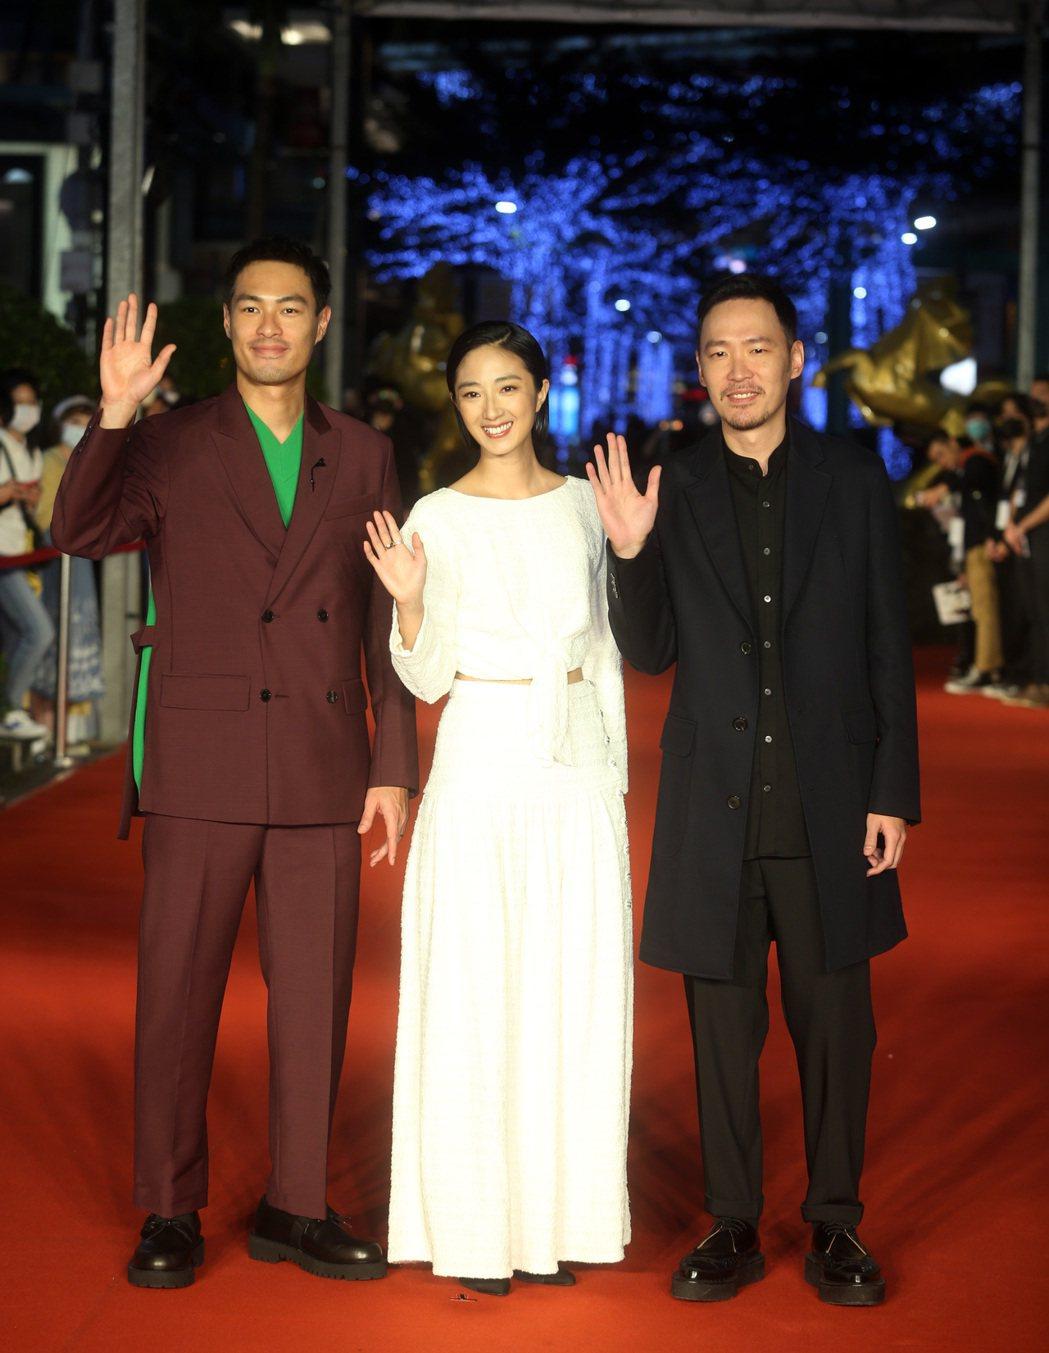 金馬影展開幕紅毯儀式,《腿》劇組桂綸鎂(中)、楊祐寧(左)、張少懷(右)等出席。